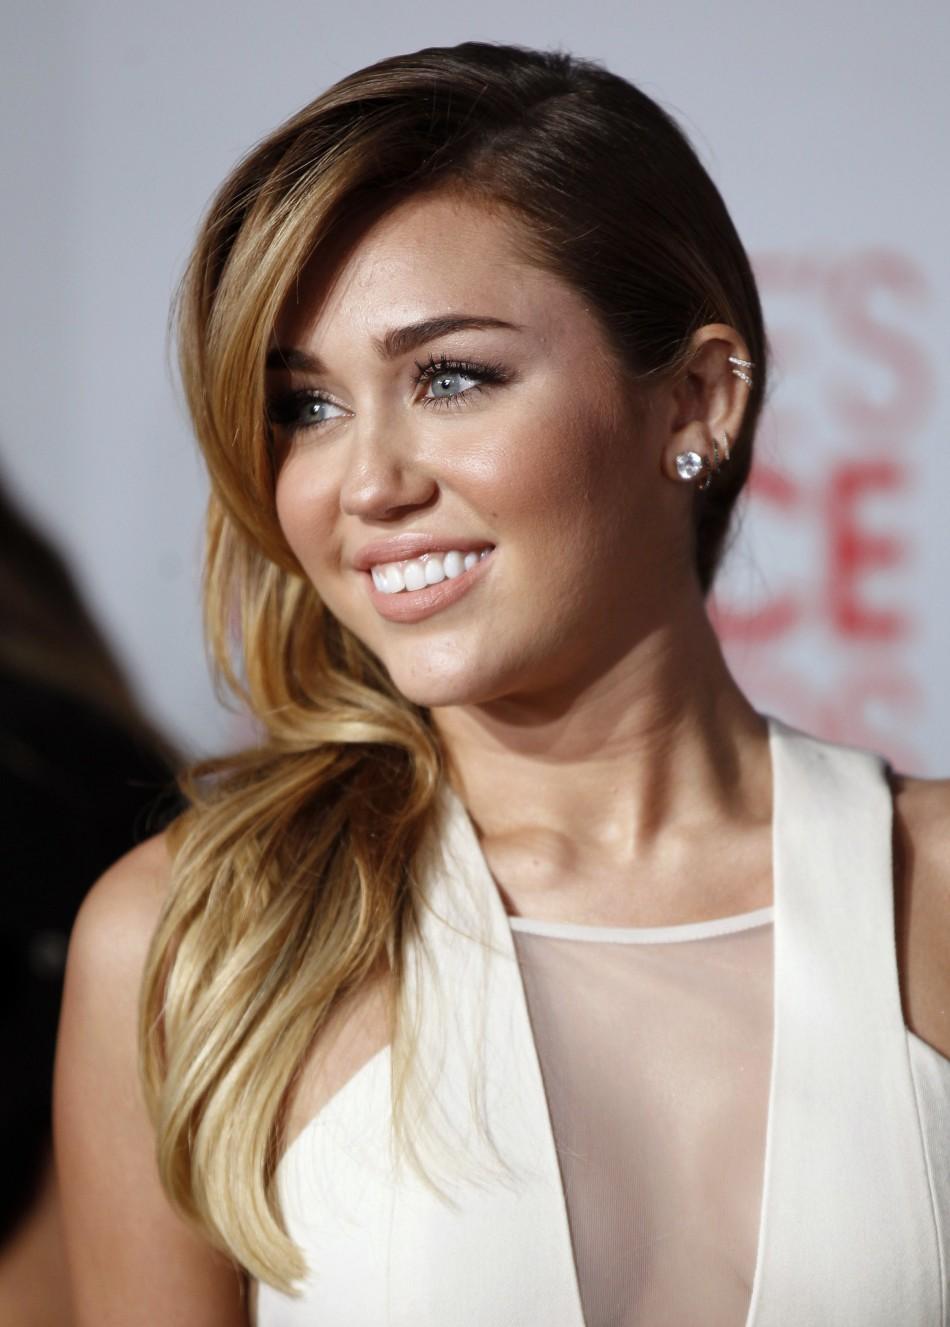 Miley Cyrus Miley Cyrus Breast Pics-9517